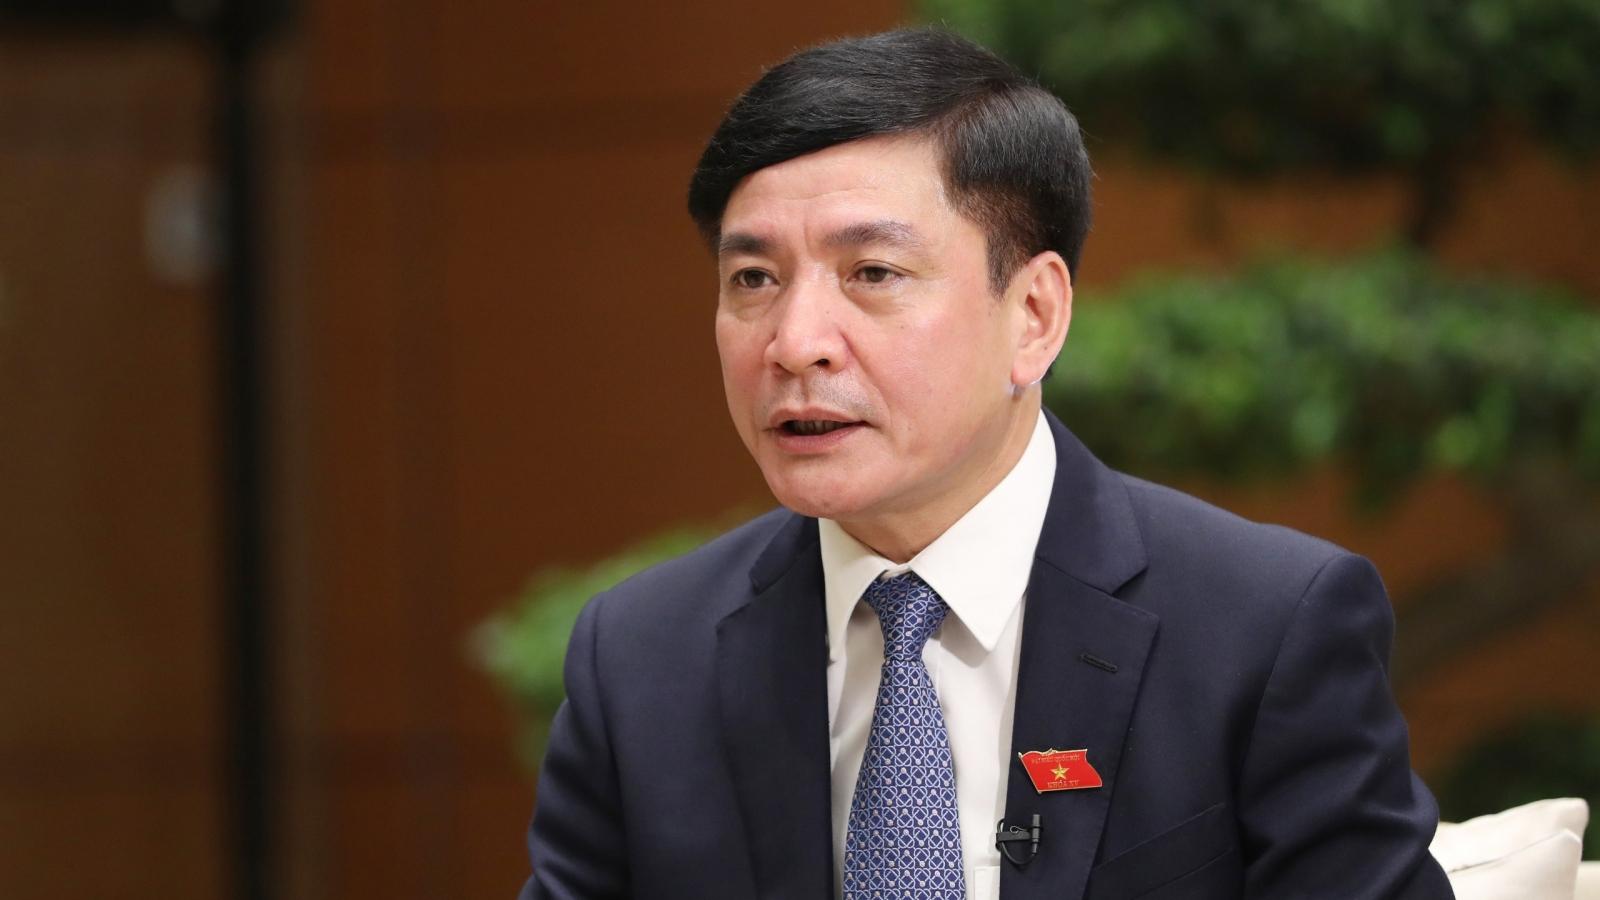 Tổng Thư ký Quốc hội: Tình huống cấp bách cần trình tự giải quyết đặc biệt